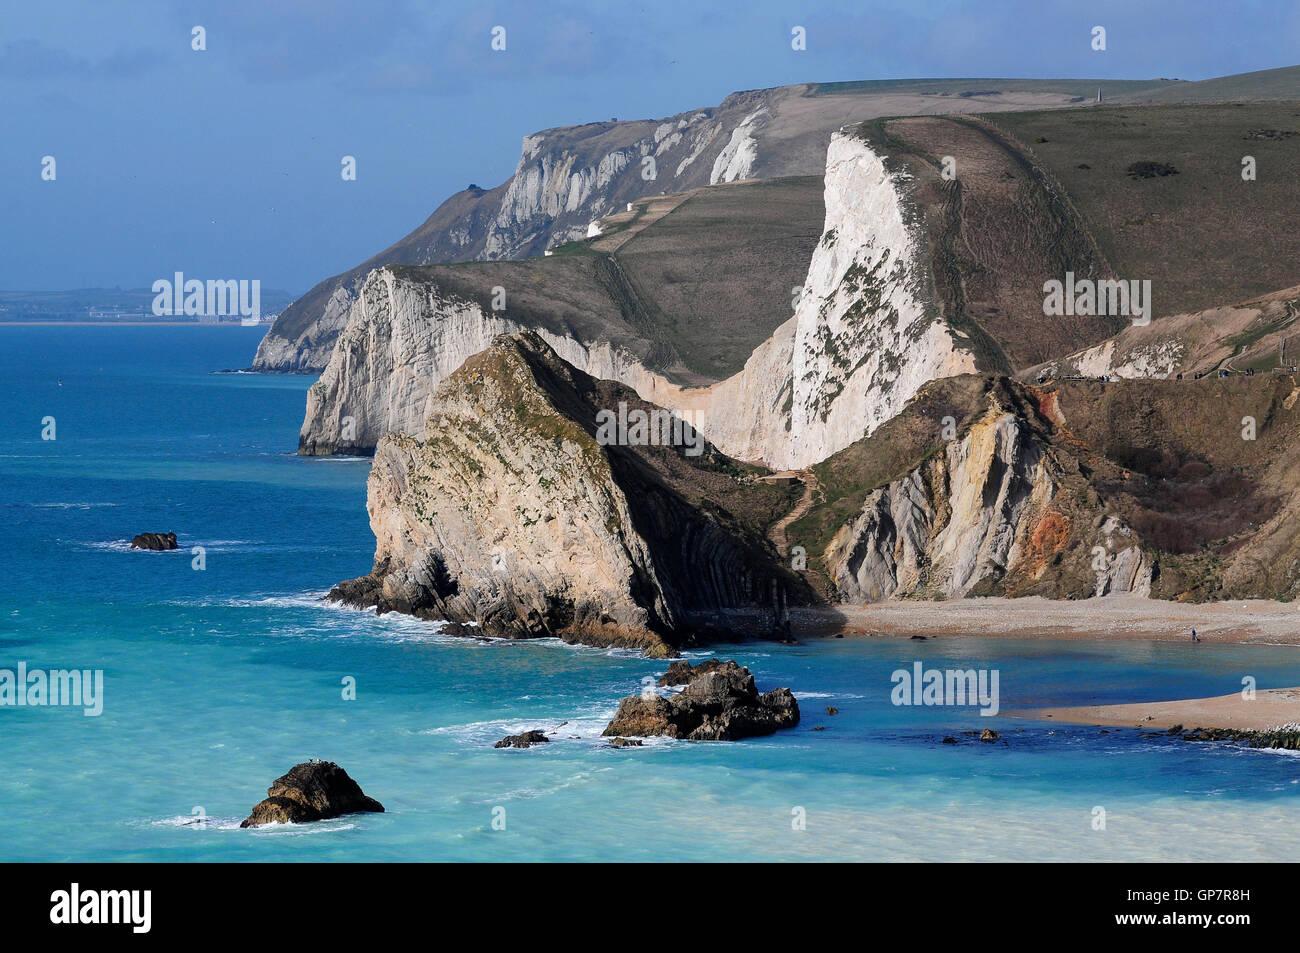 Cabeza Swyre y Bat's head en la costa Jurásica de Dorset, Reino Unido Foto de stock